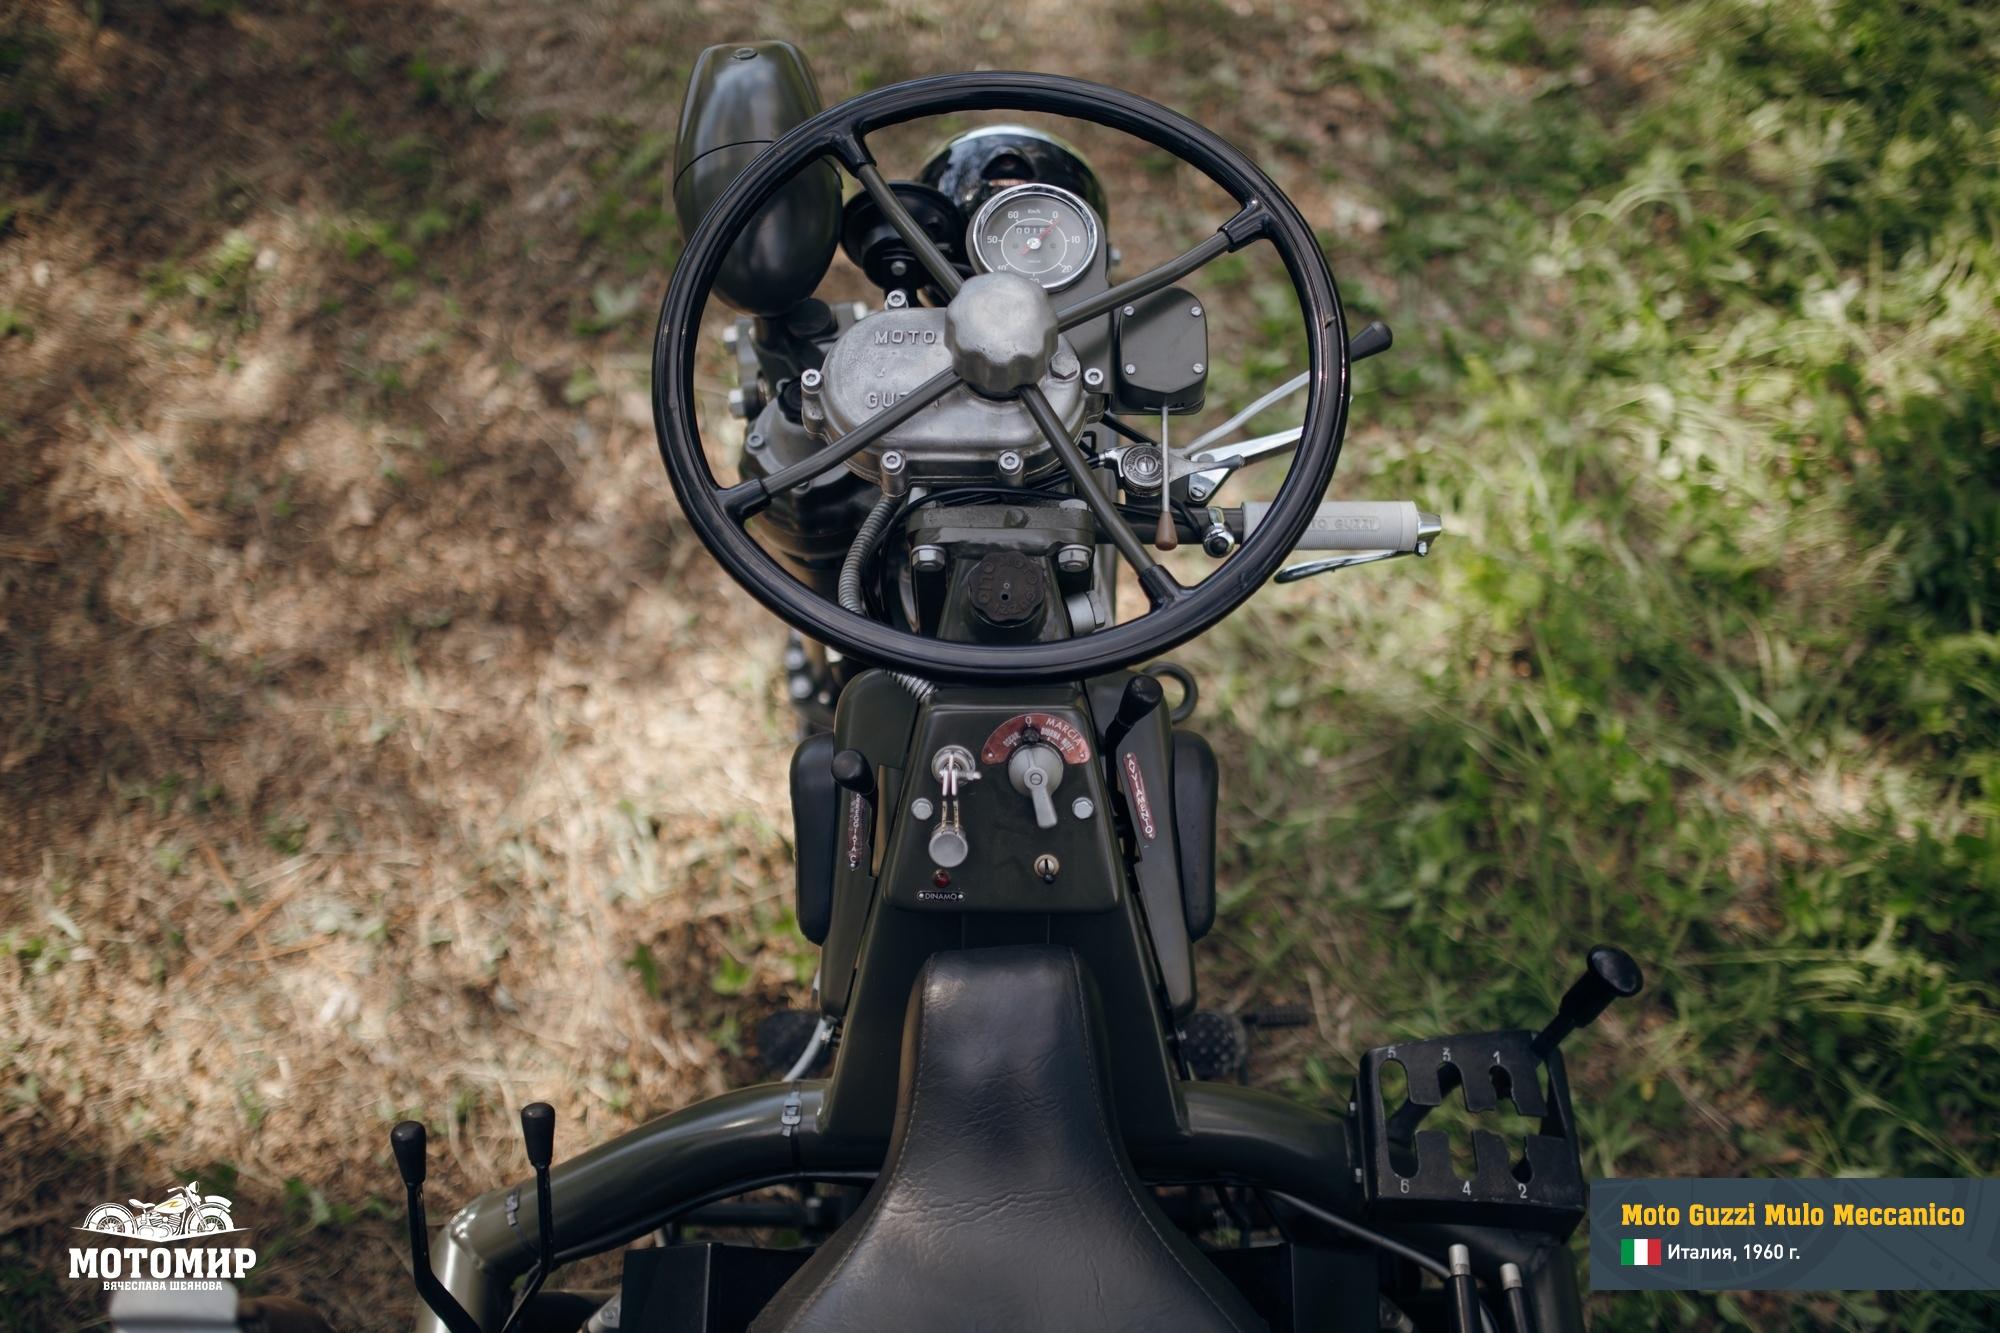 moto-guzzi-mulo-201506-web-40